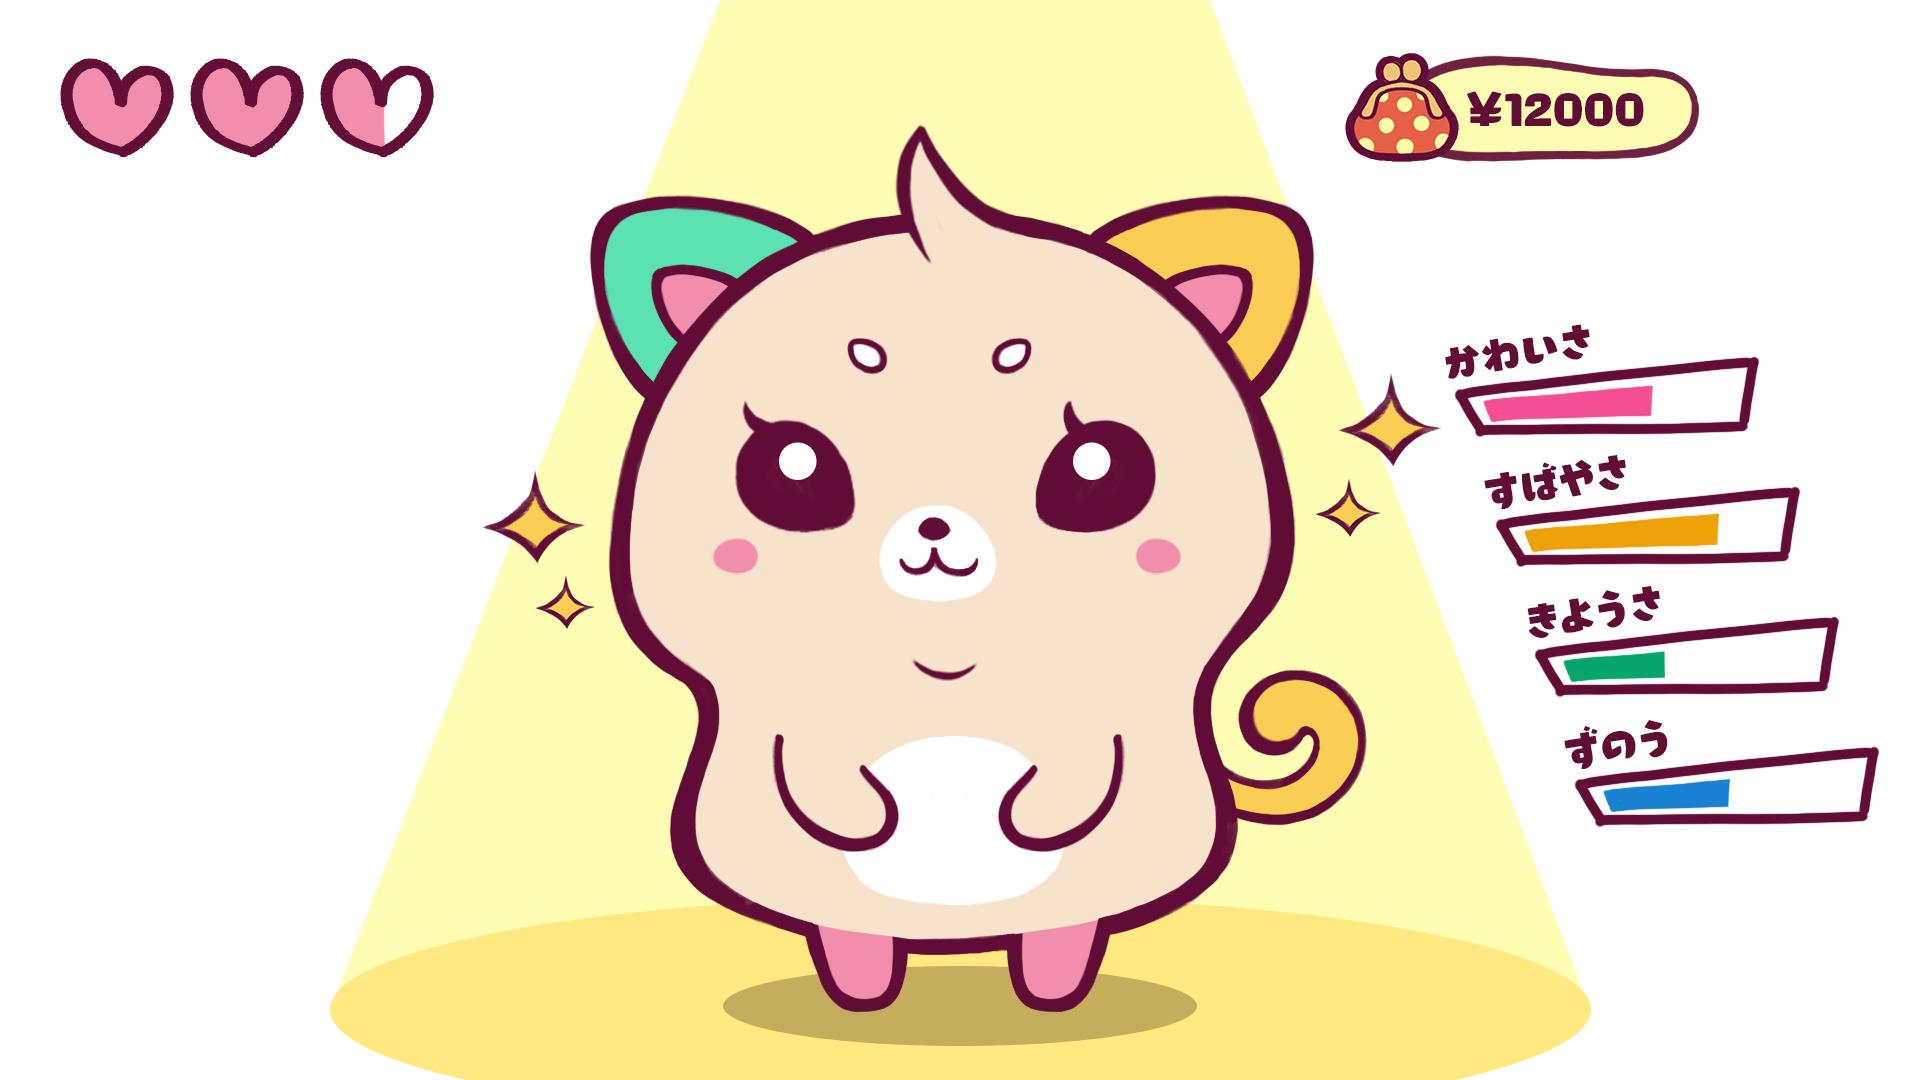 【欲望の塊ミエコ】新人ネコキャバ嬢、登場!